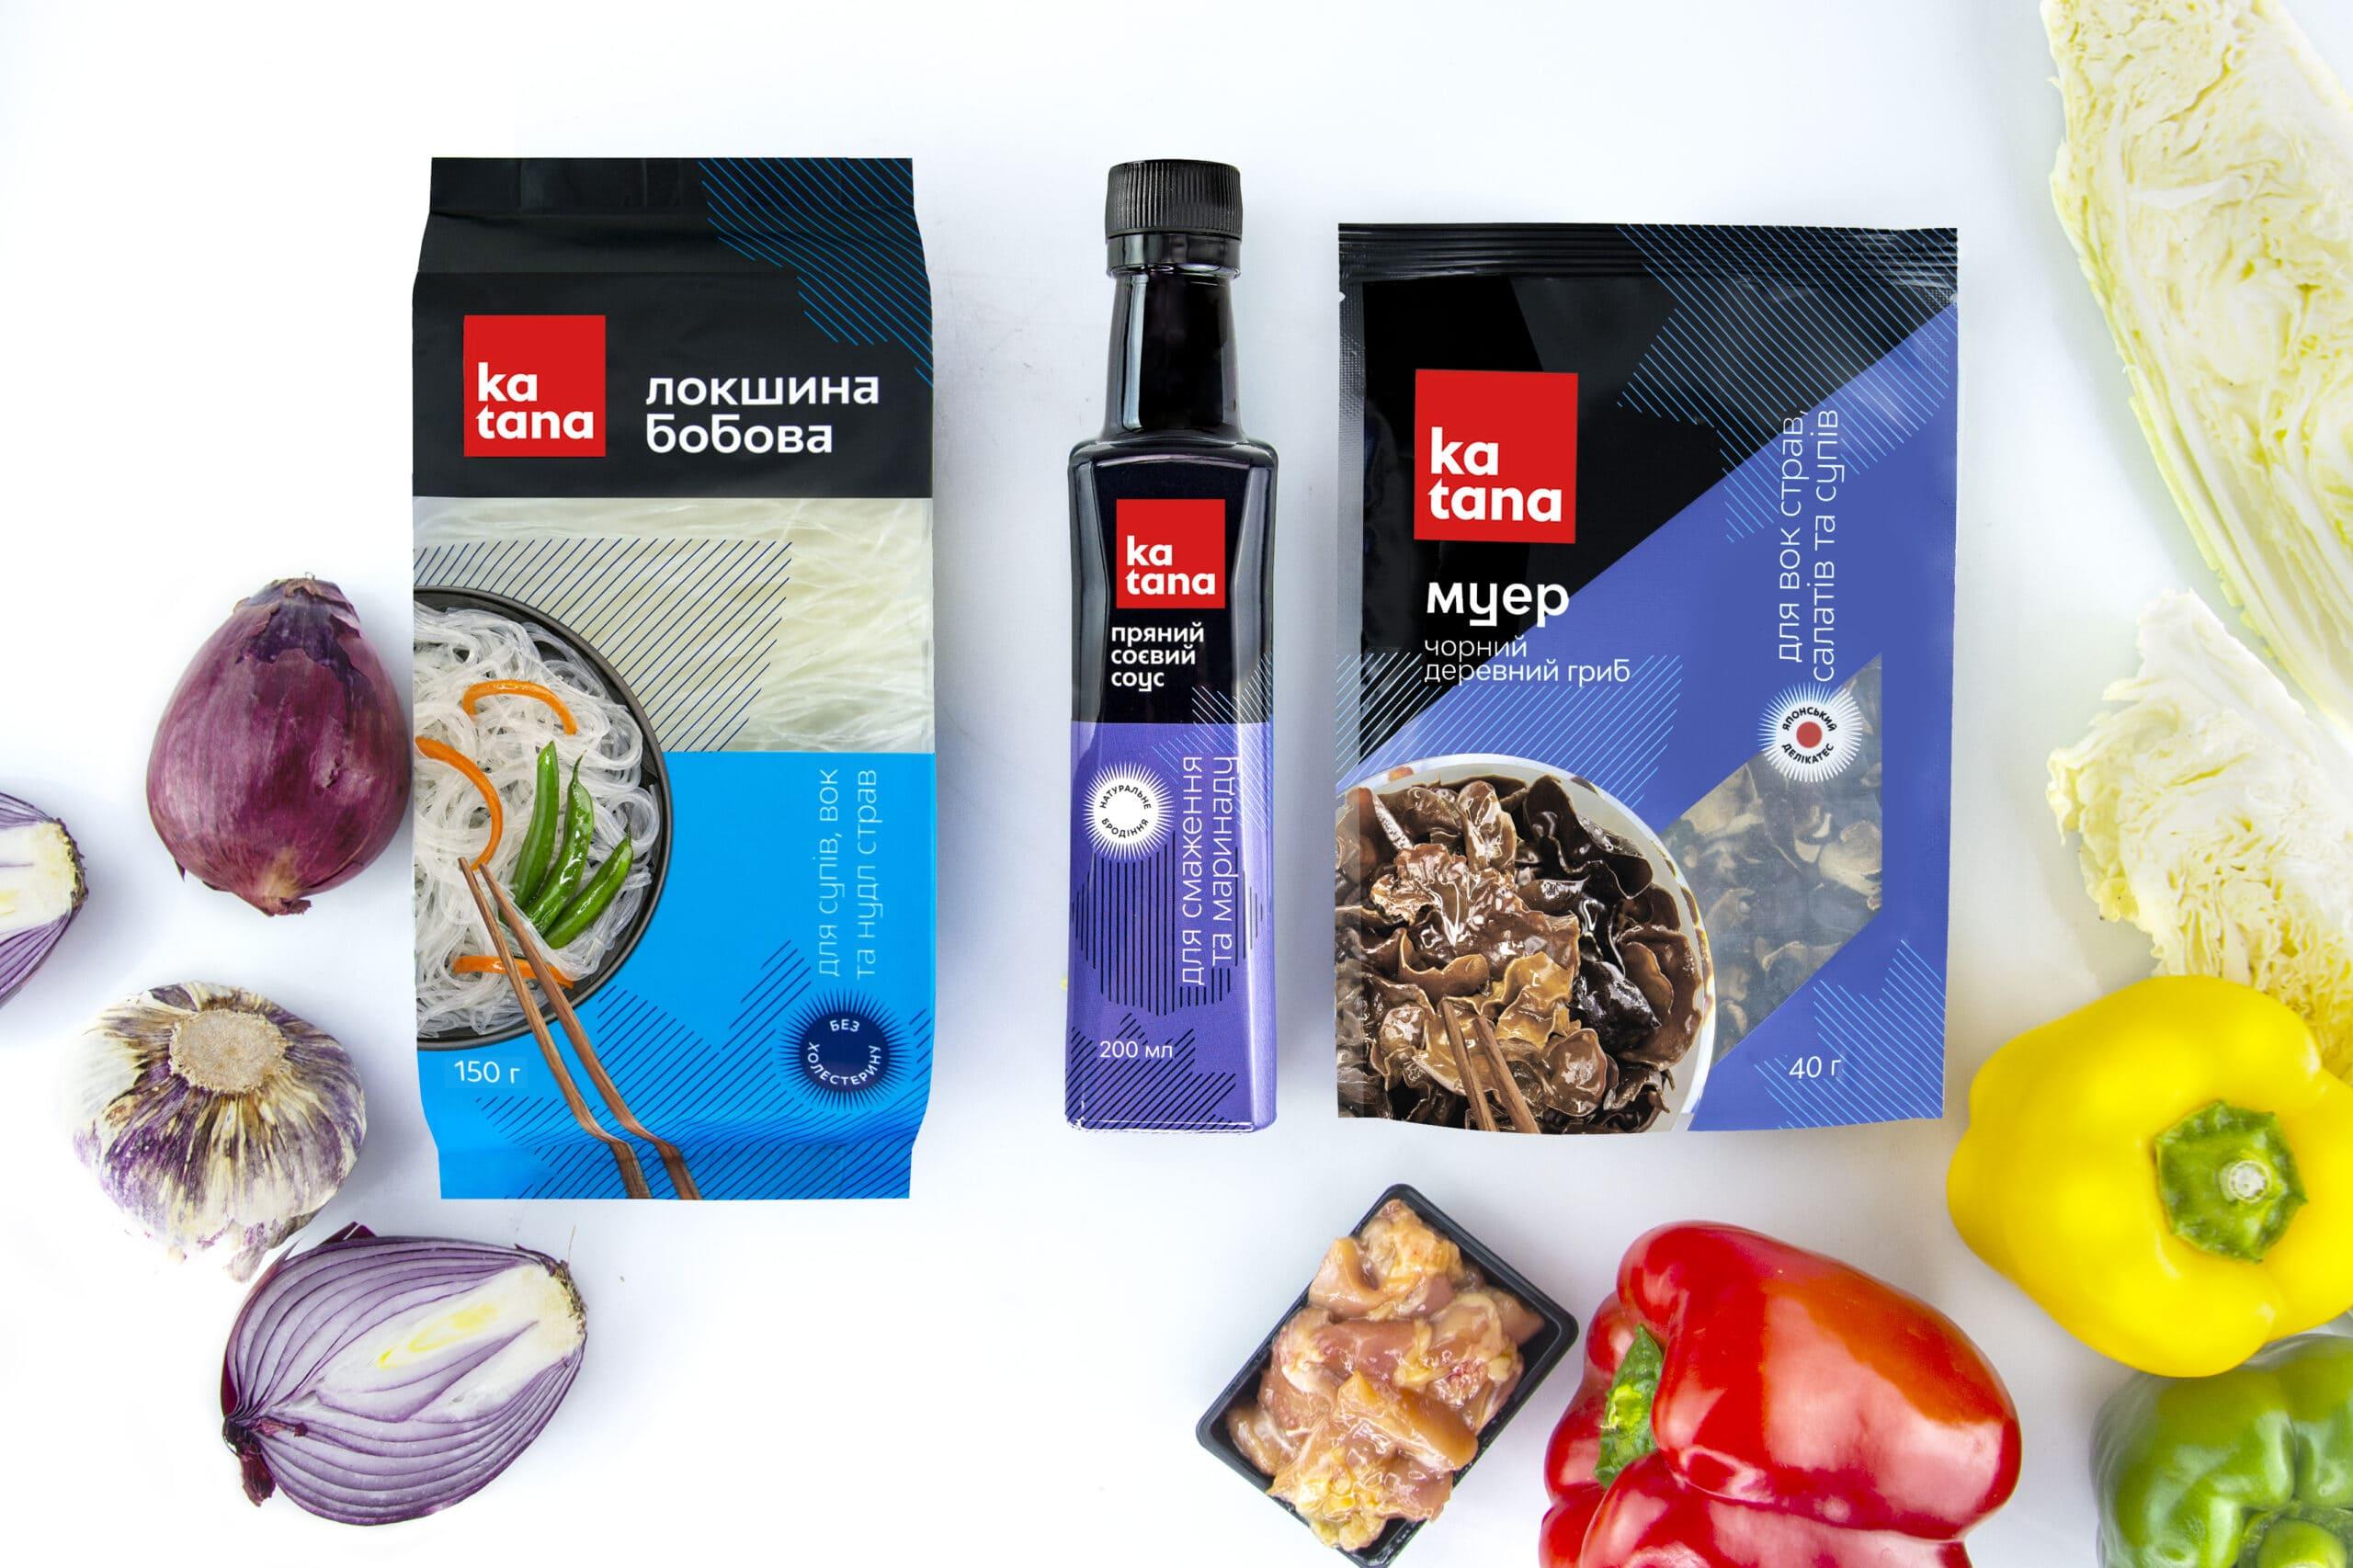 Ингредиенты для рецепт хрустальной бобовой лапши